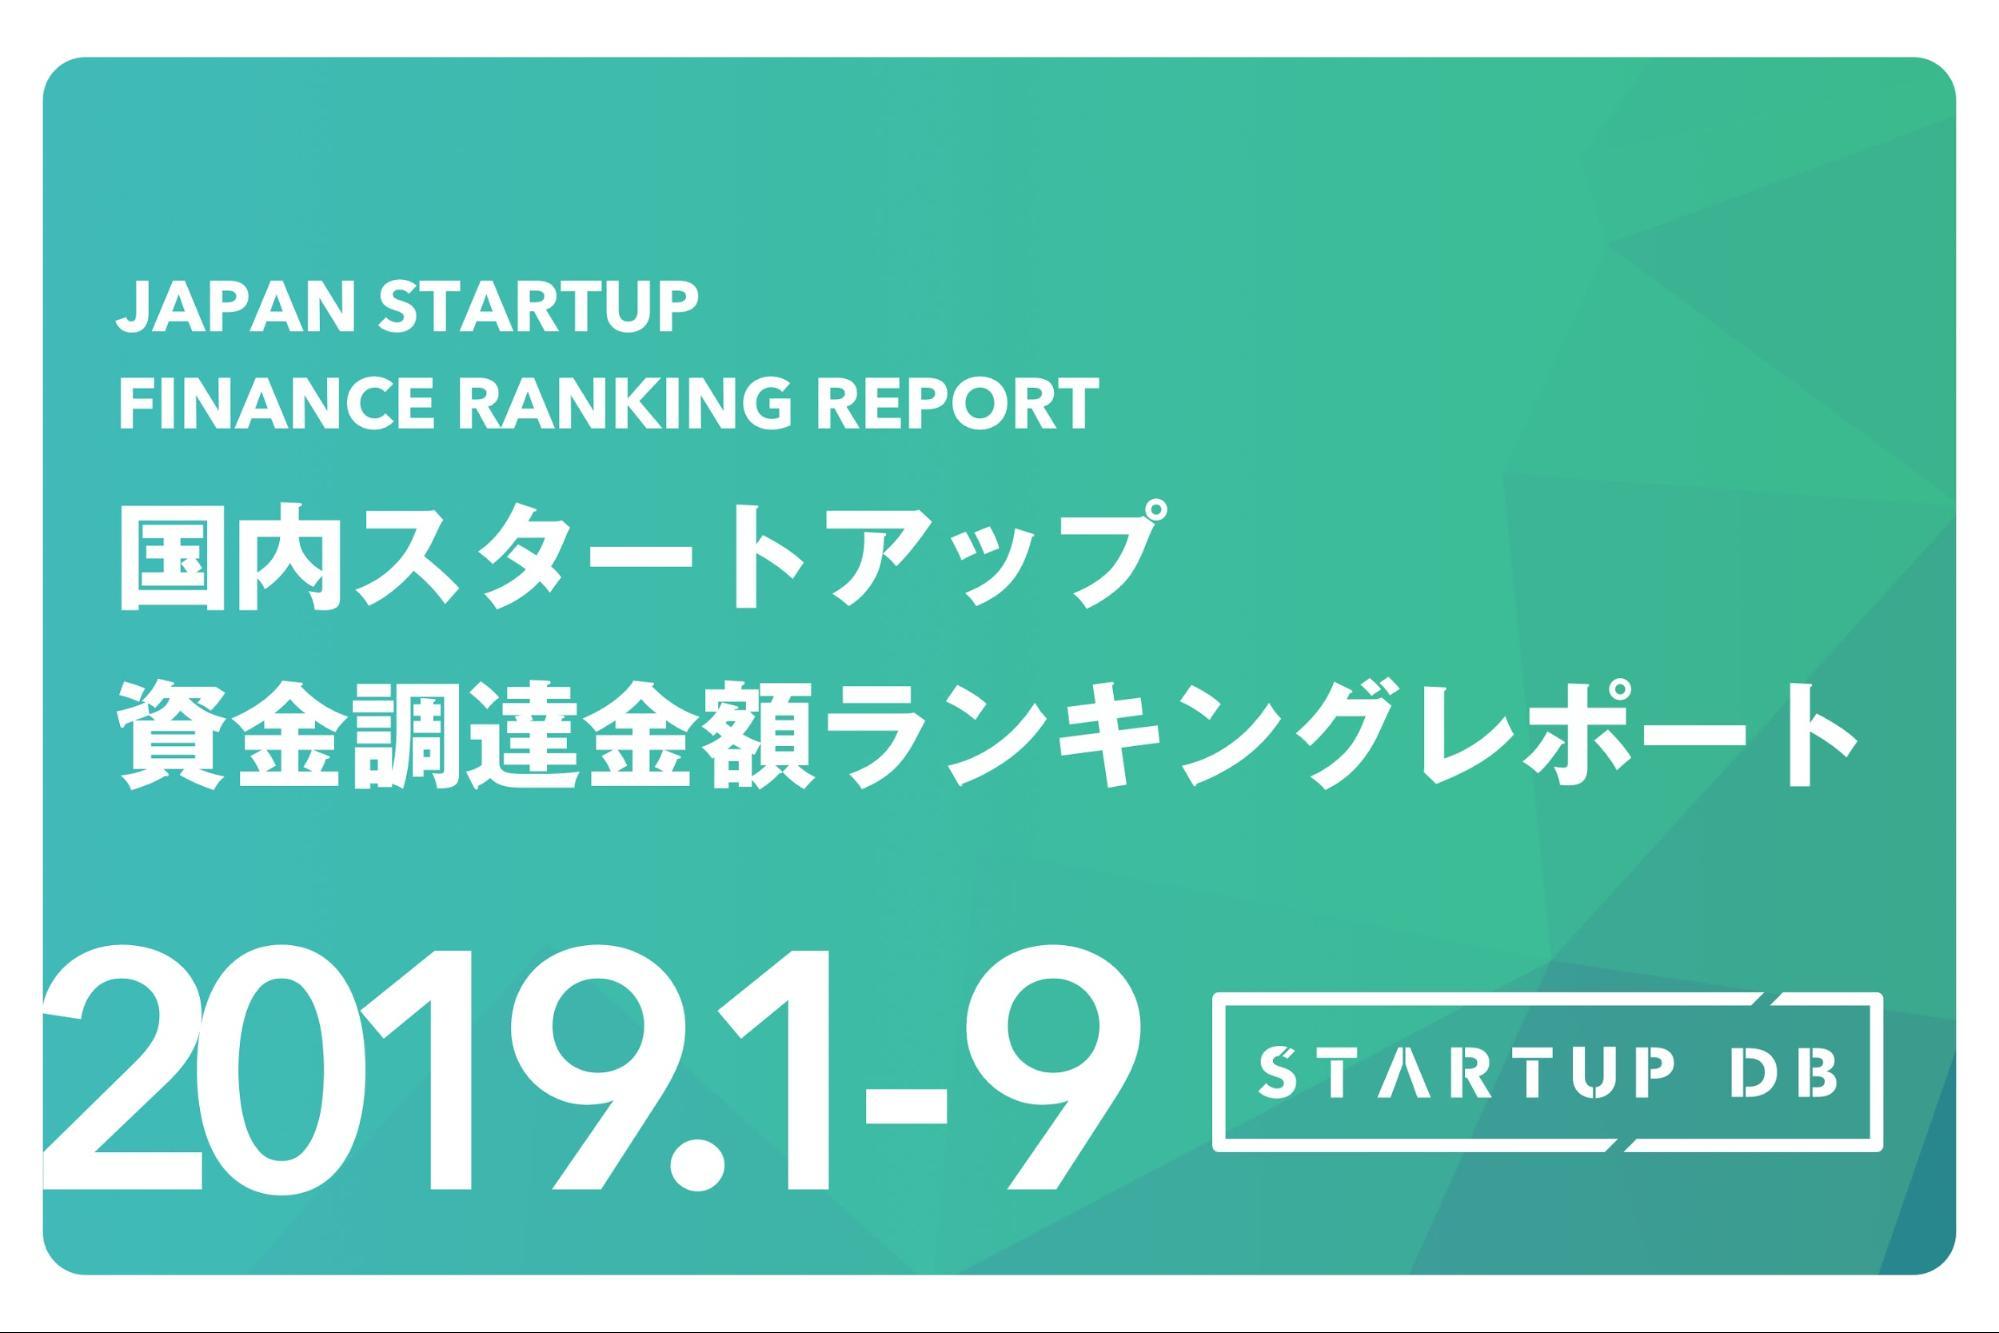 【STARTUP DB】調査結果 国内スタートアップ資金調達ランキング 大型調達200億円越え。EPARKが新規ランクインでトップに